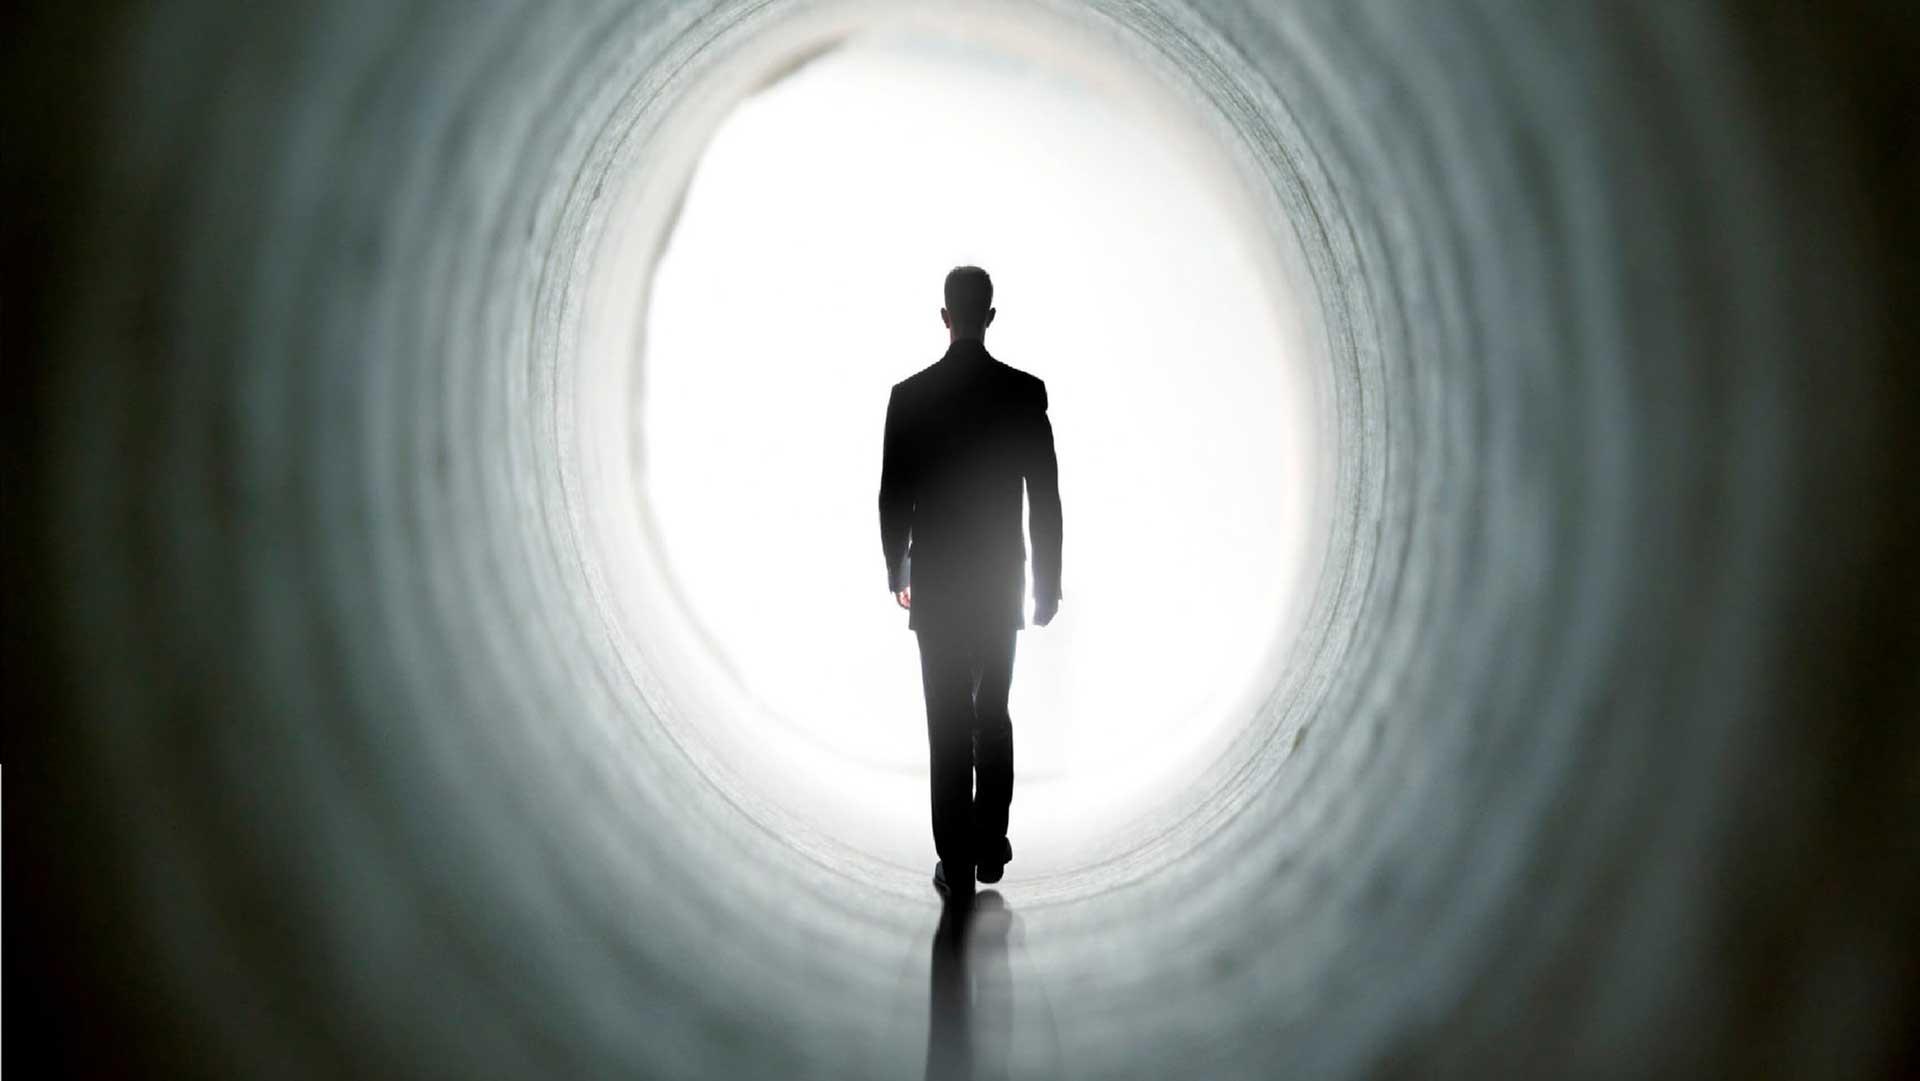 ¿Hay vida después de la muerte? La física dice que sí